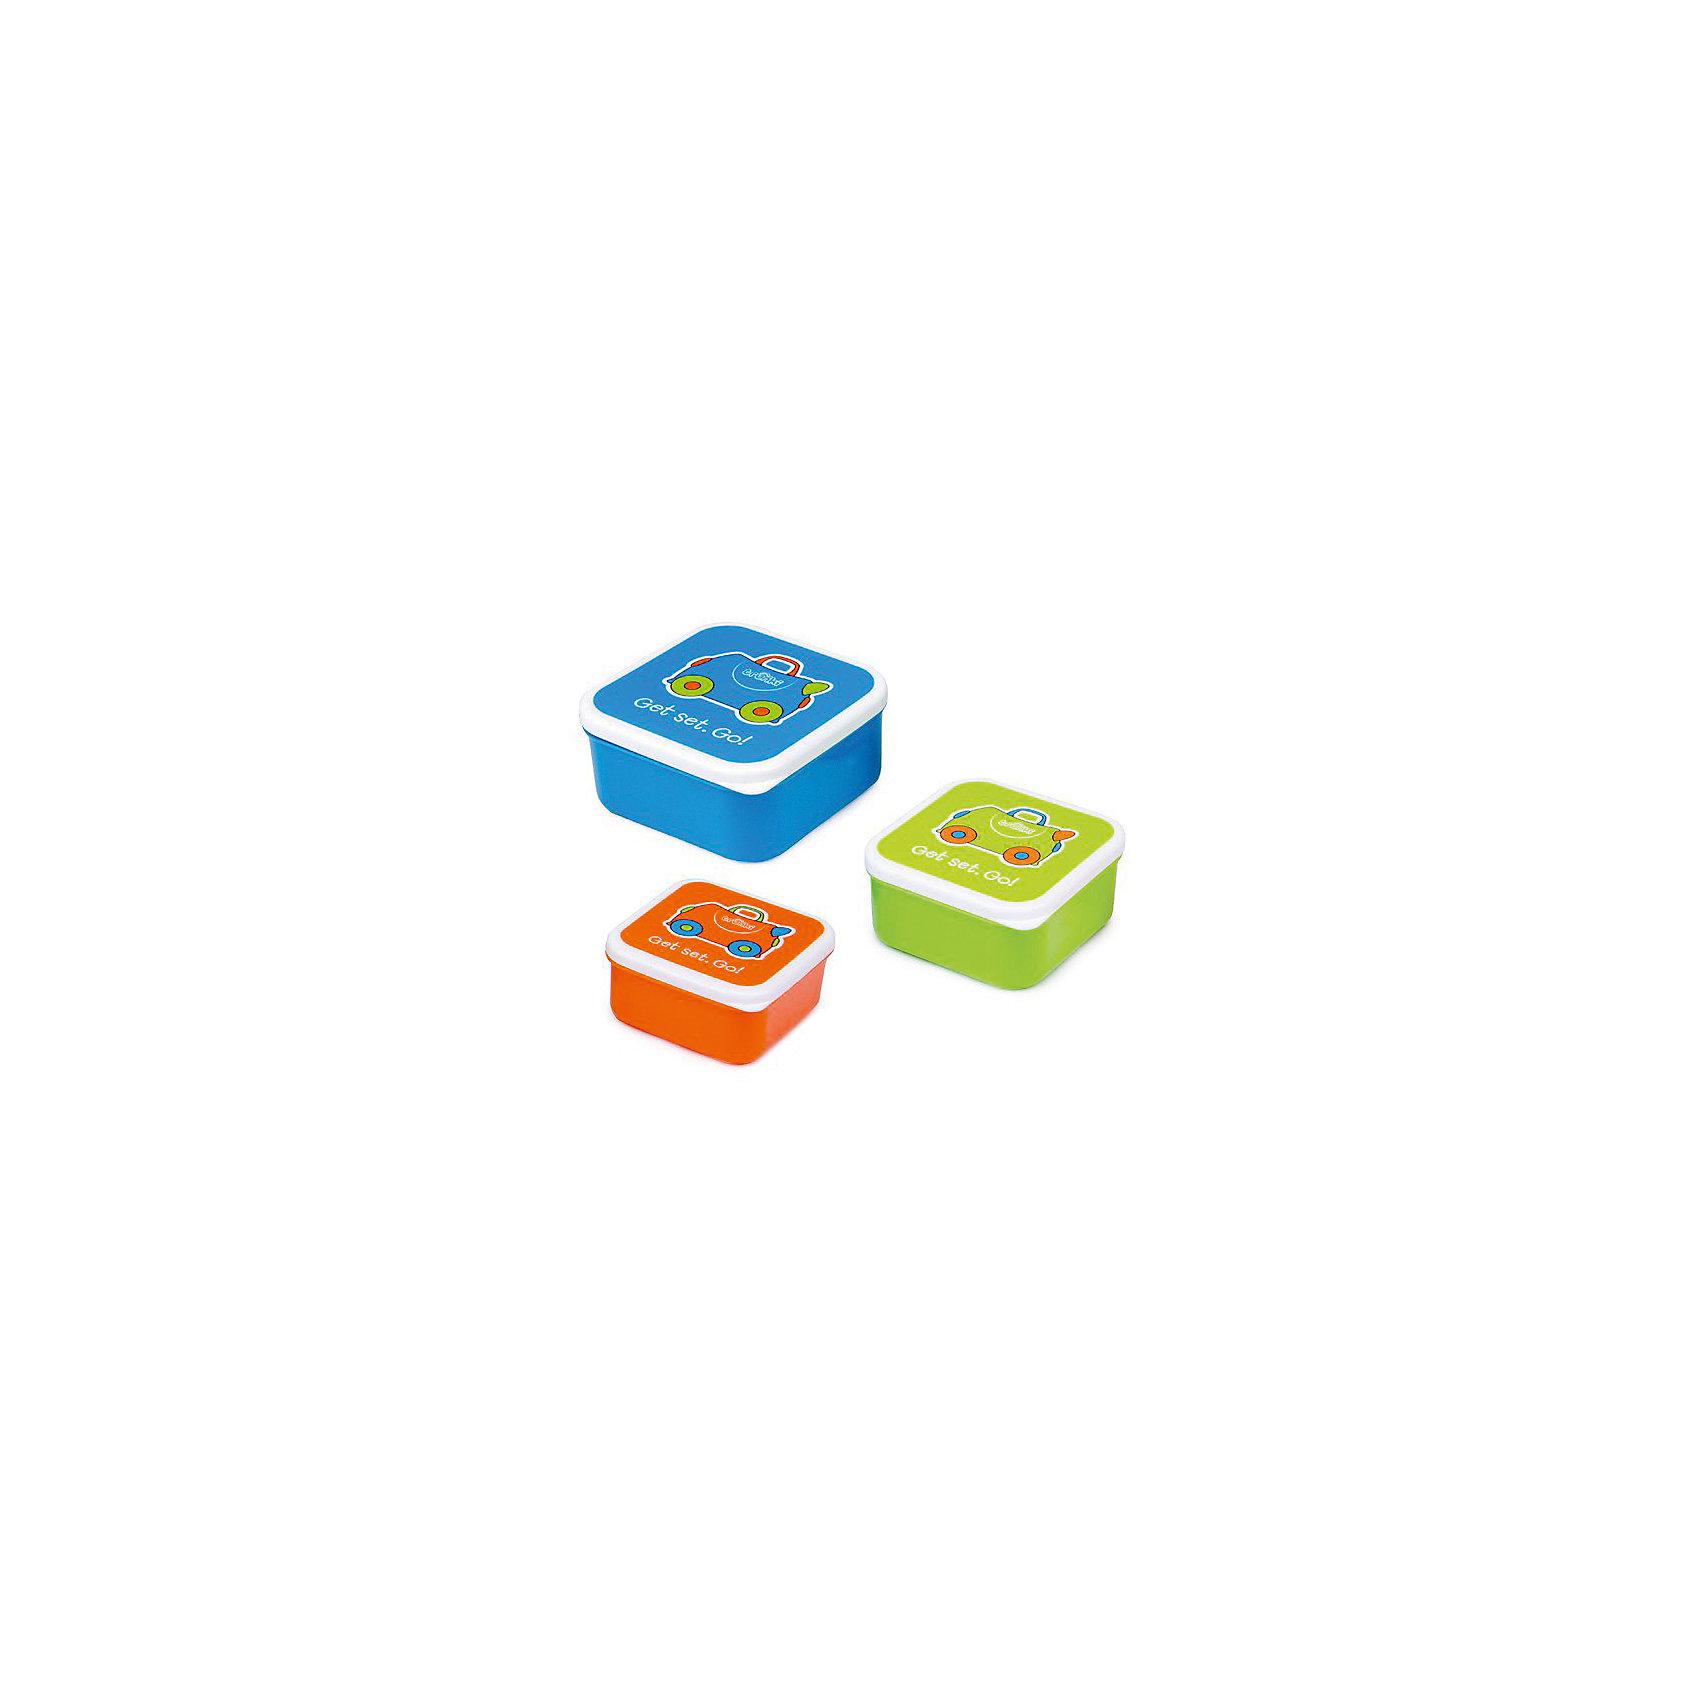 Контейнеры для еды 3 шт, голубой, оранжевый, зеленый от myToys